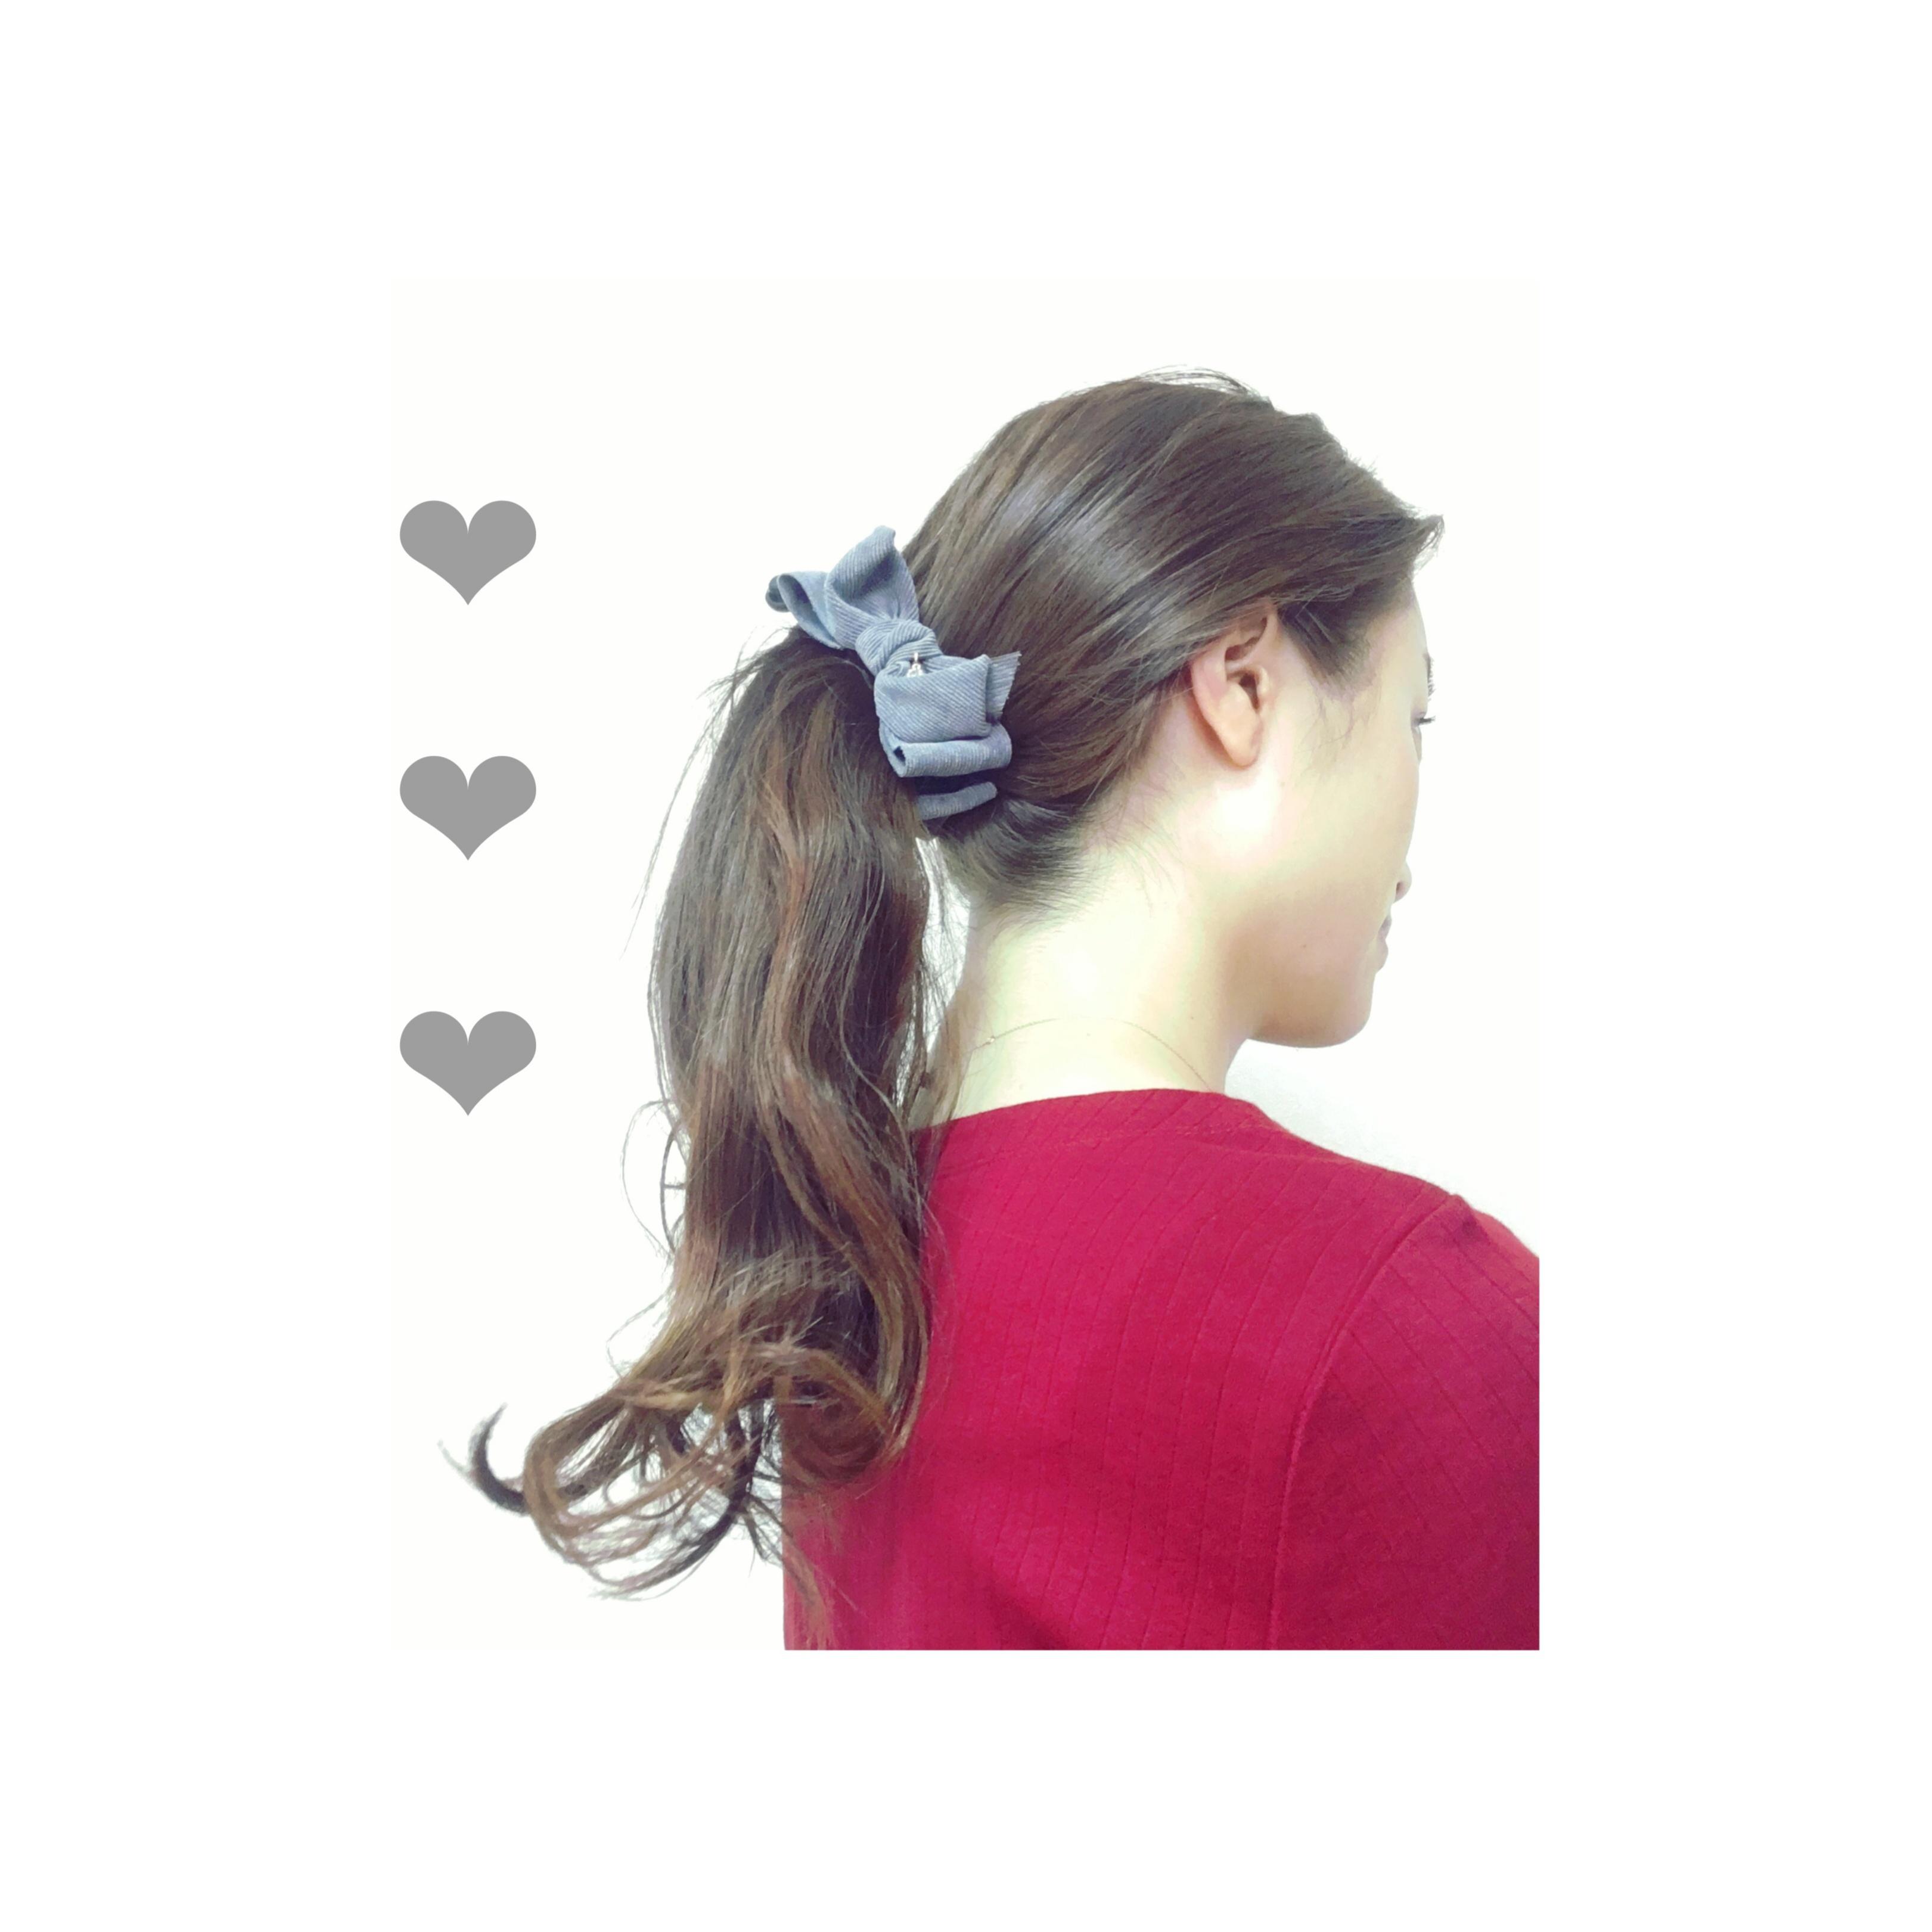 《プチプラとは思えないクオリティ!》【3COINS】でひとめボレ❤︎秋物アクセサリー3選❤️_2